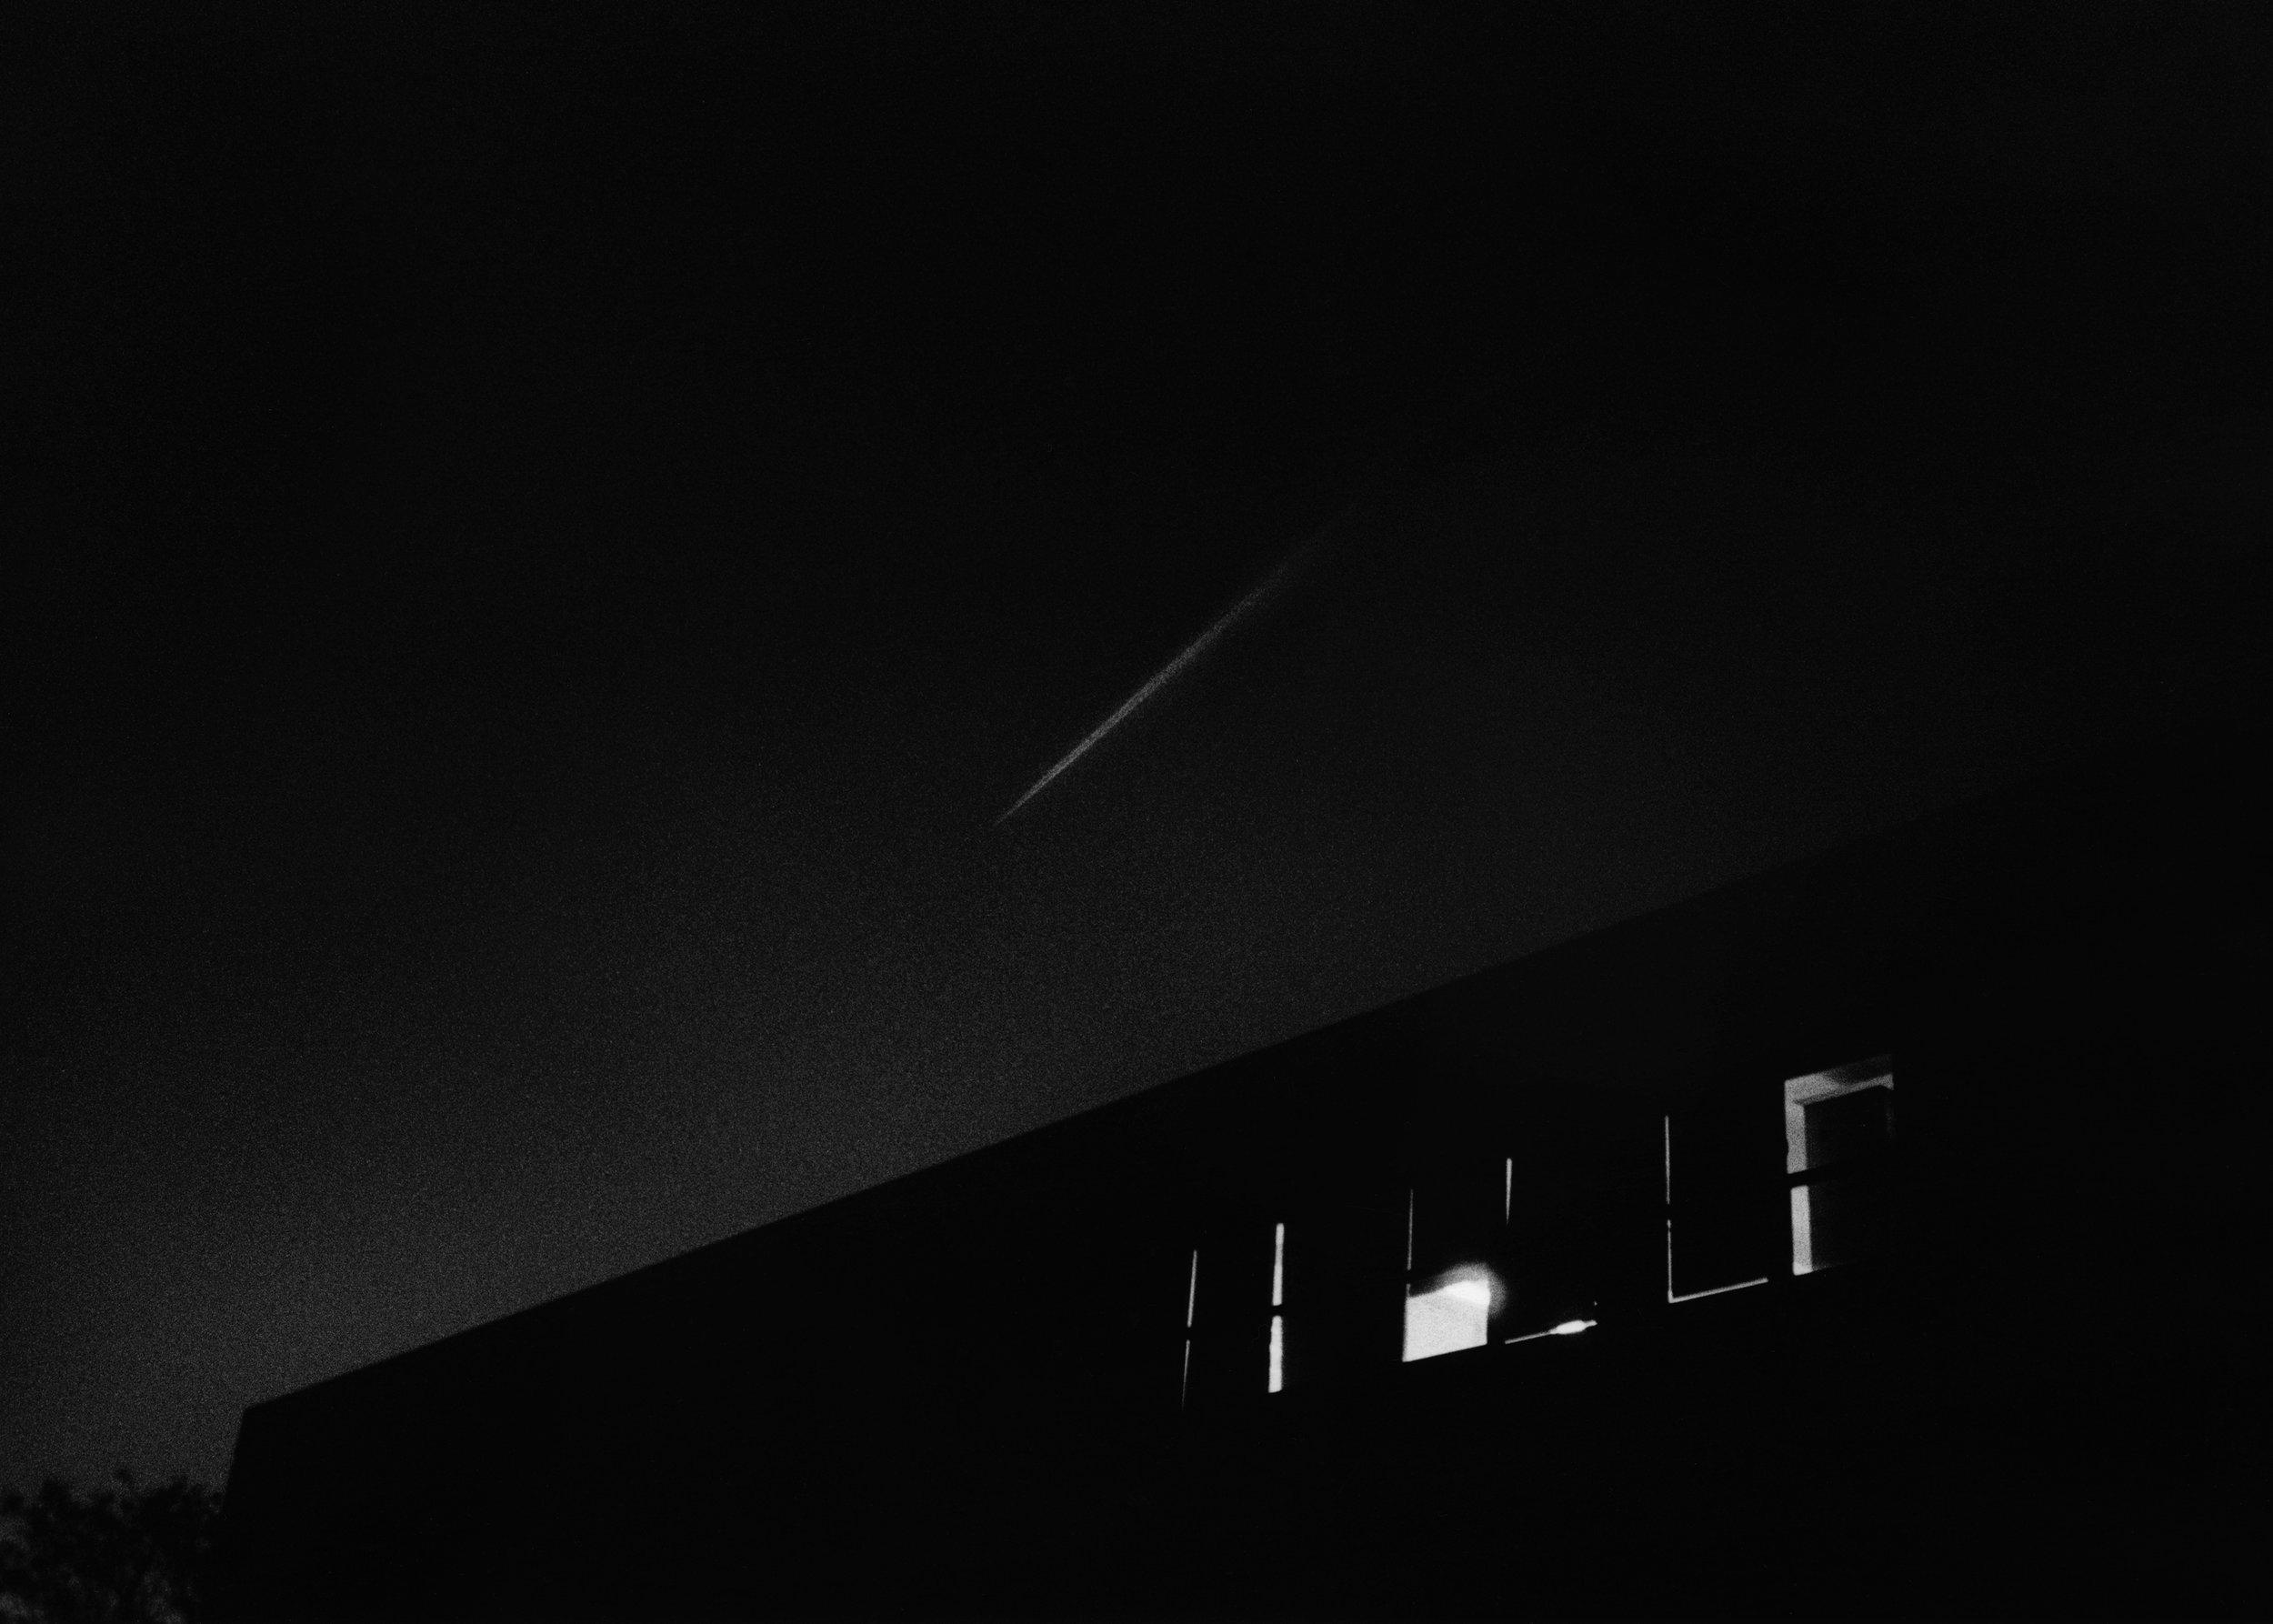 流星-2.jpg